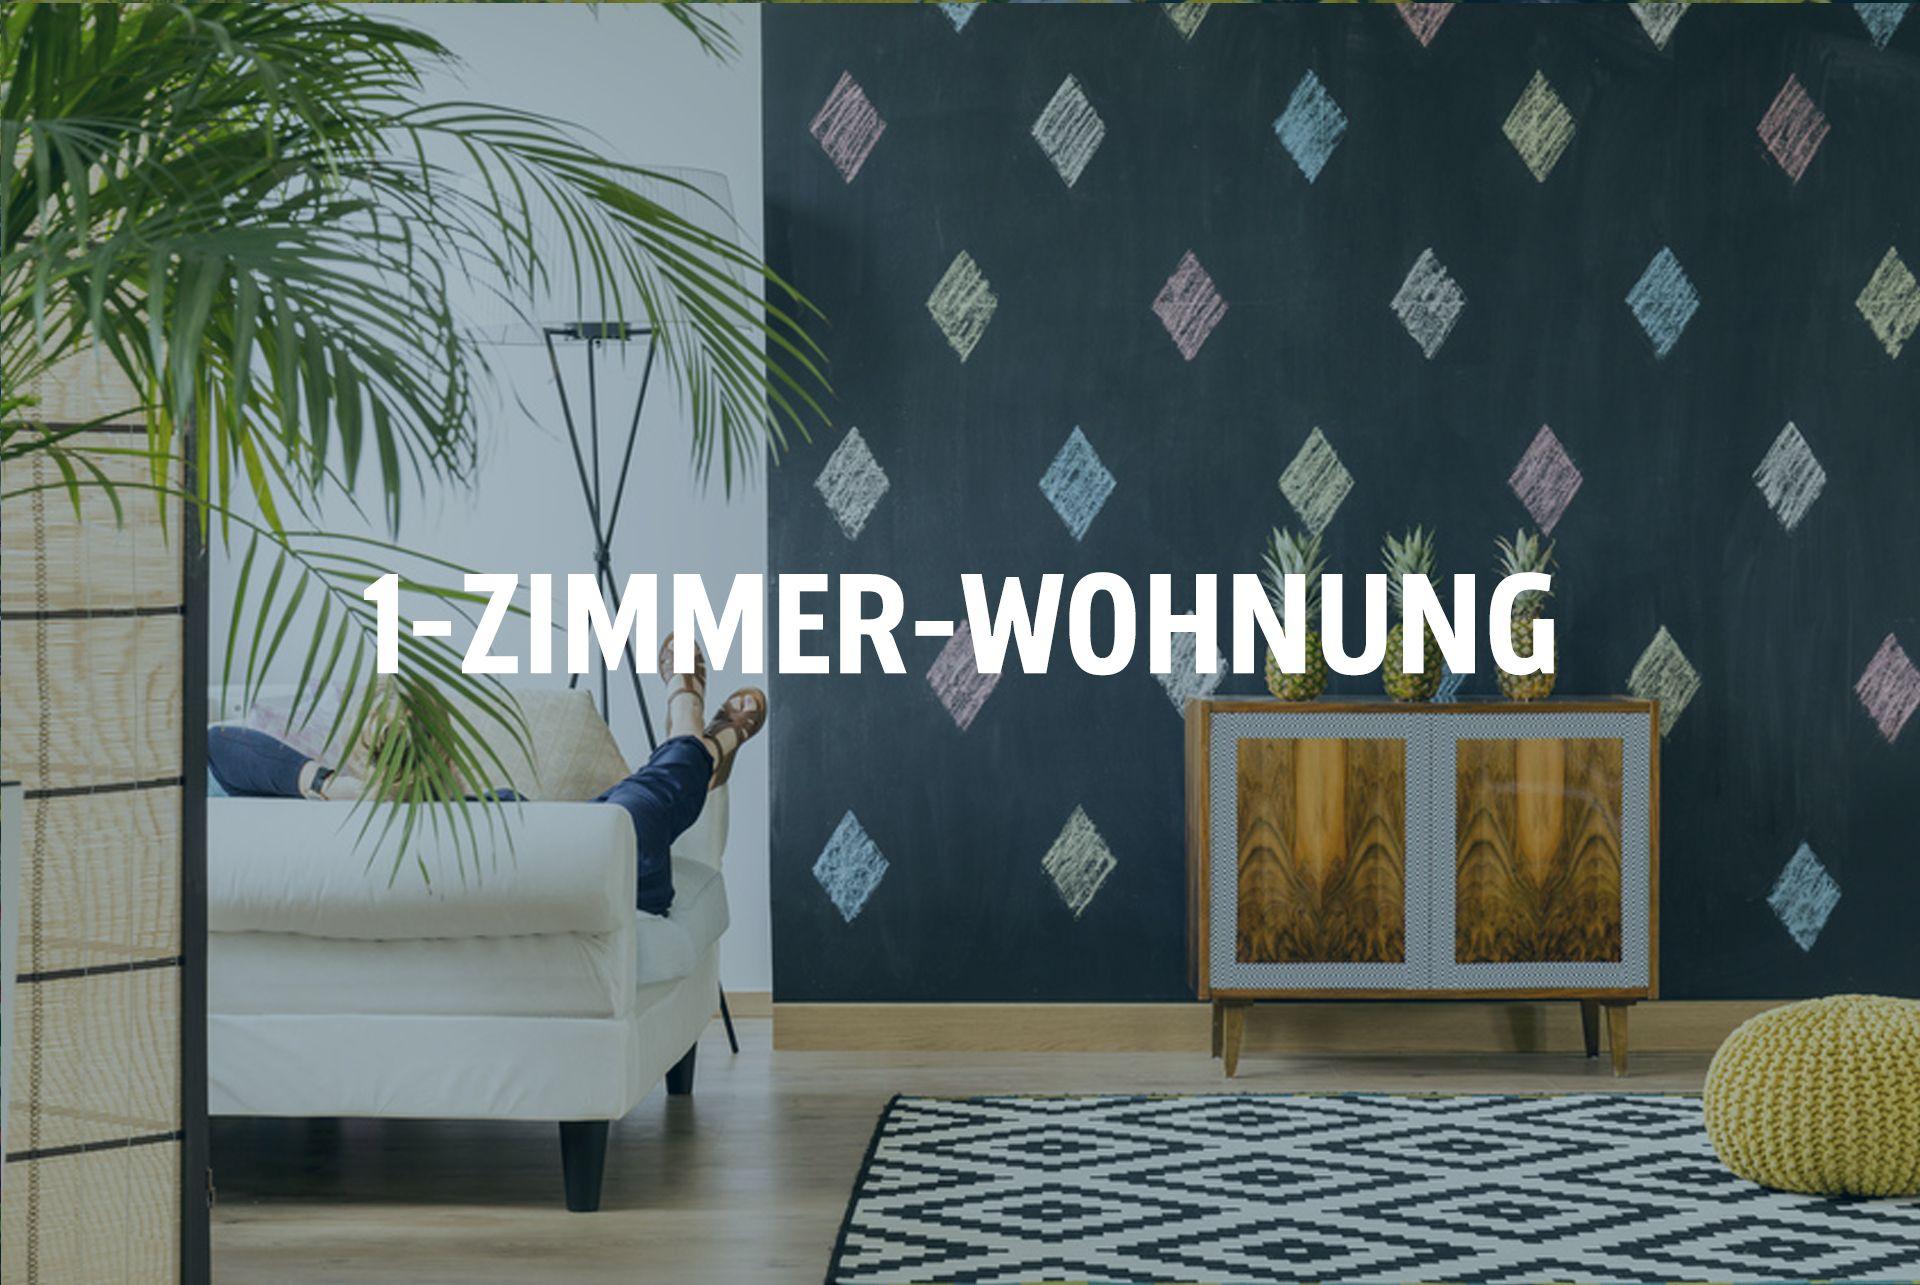 einzimmerwohnung clever einrichten 1 zimmer wohnung einrichten pinterest. Black Bedroom Furniture Sets. Home Design Ideas